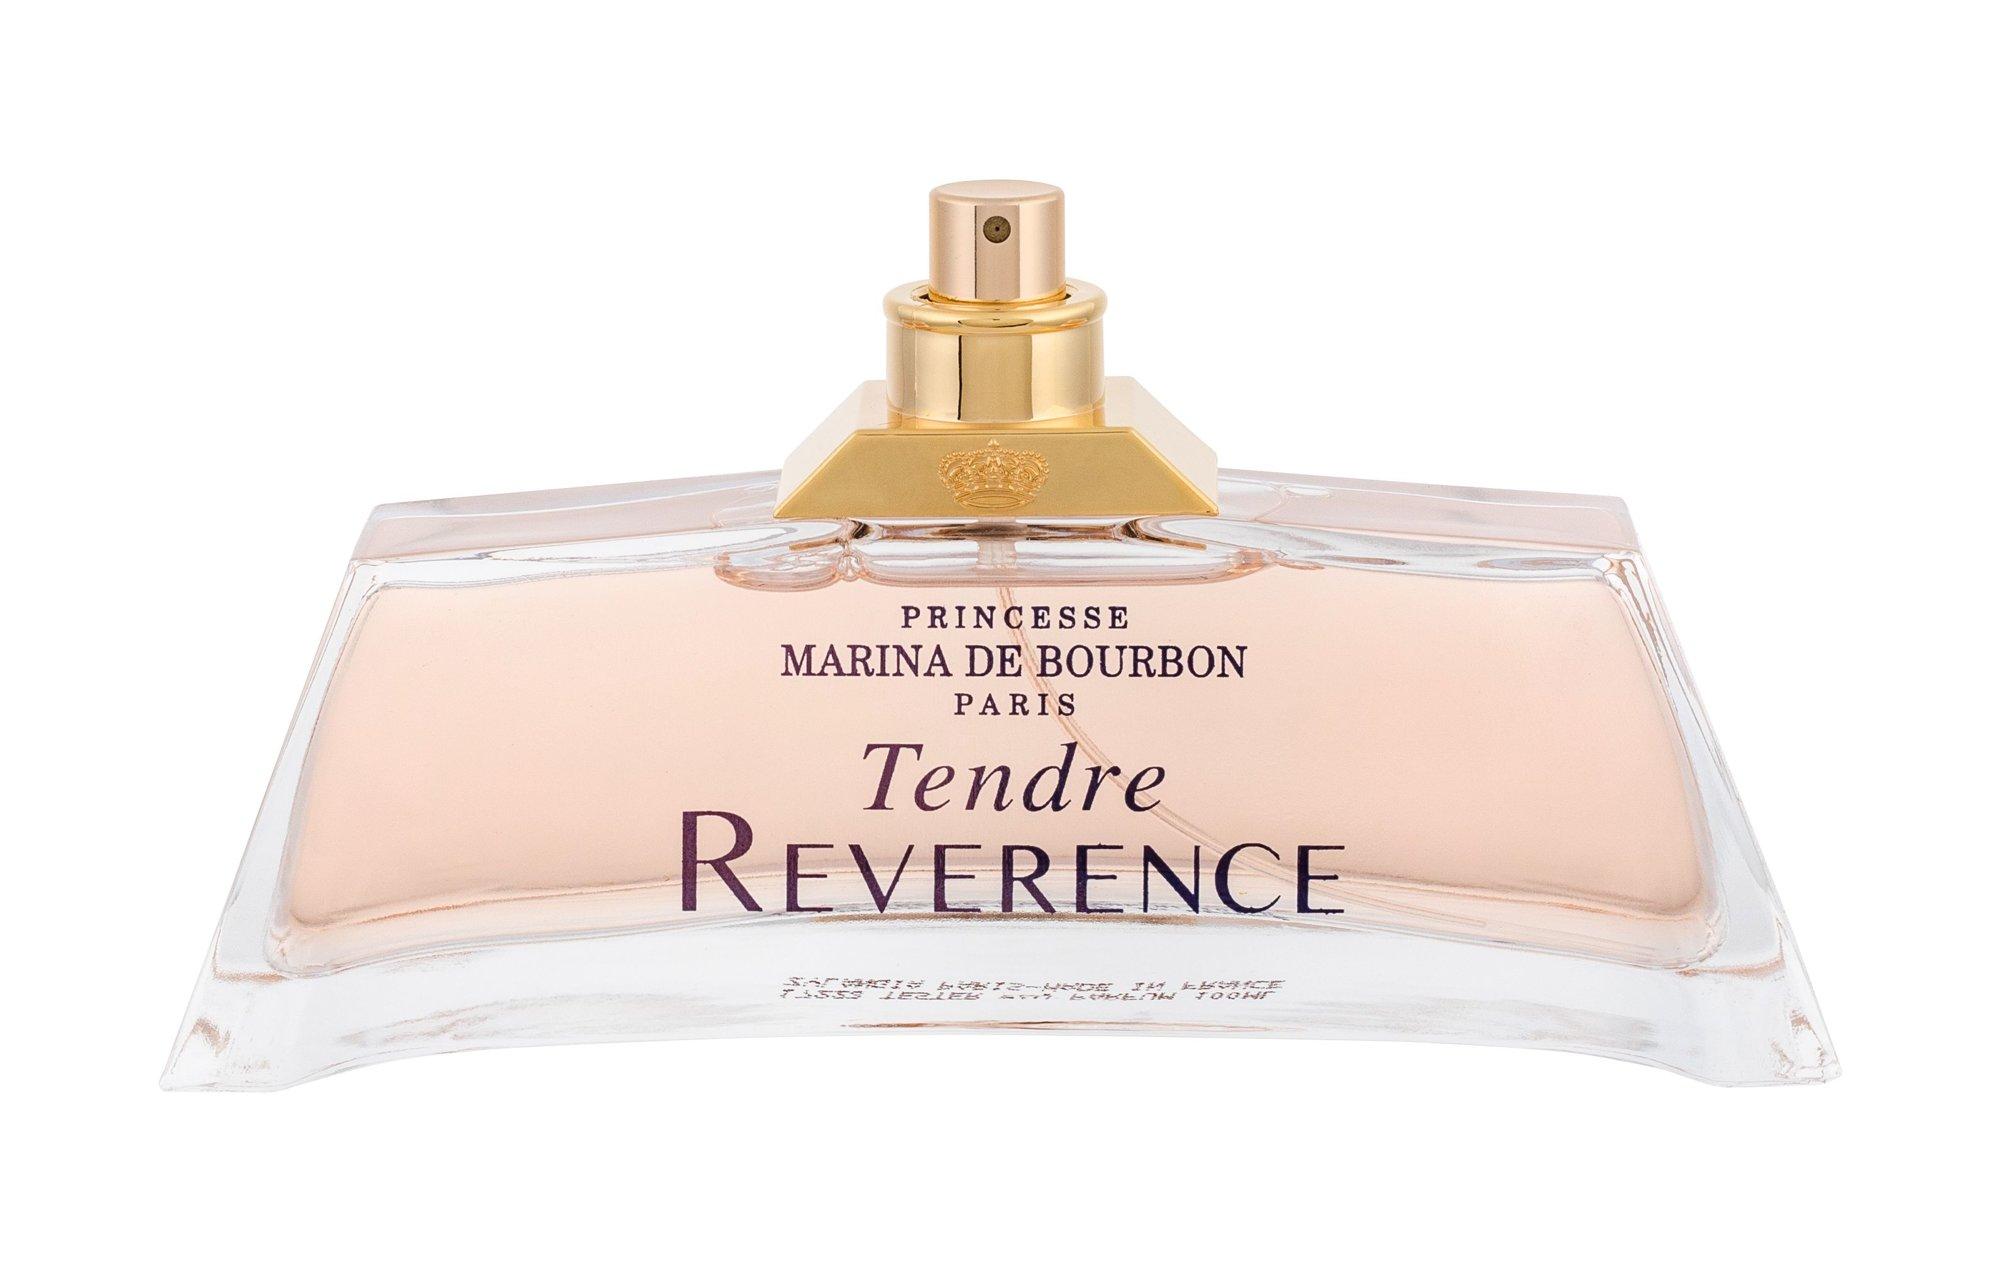 Marina de Bourbon Tendre Reverence Eau de Parfum 100ml